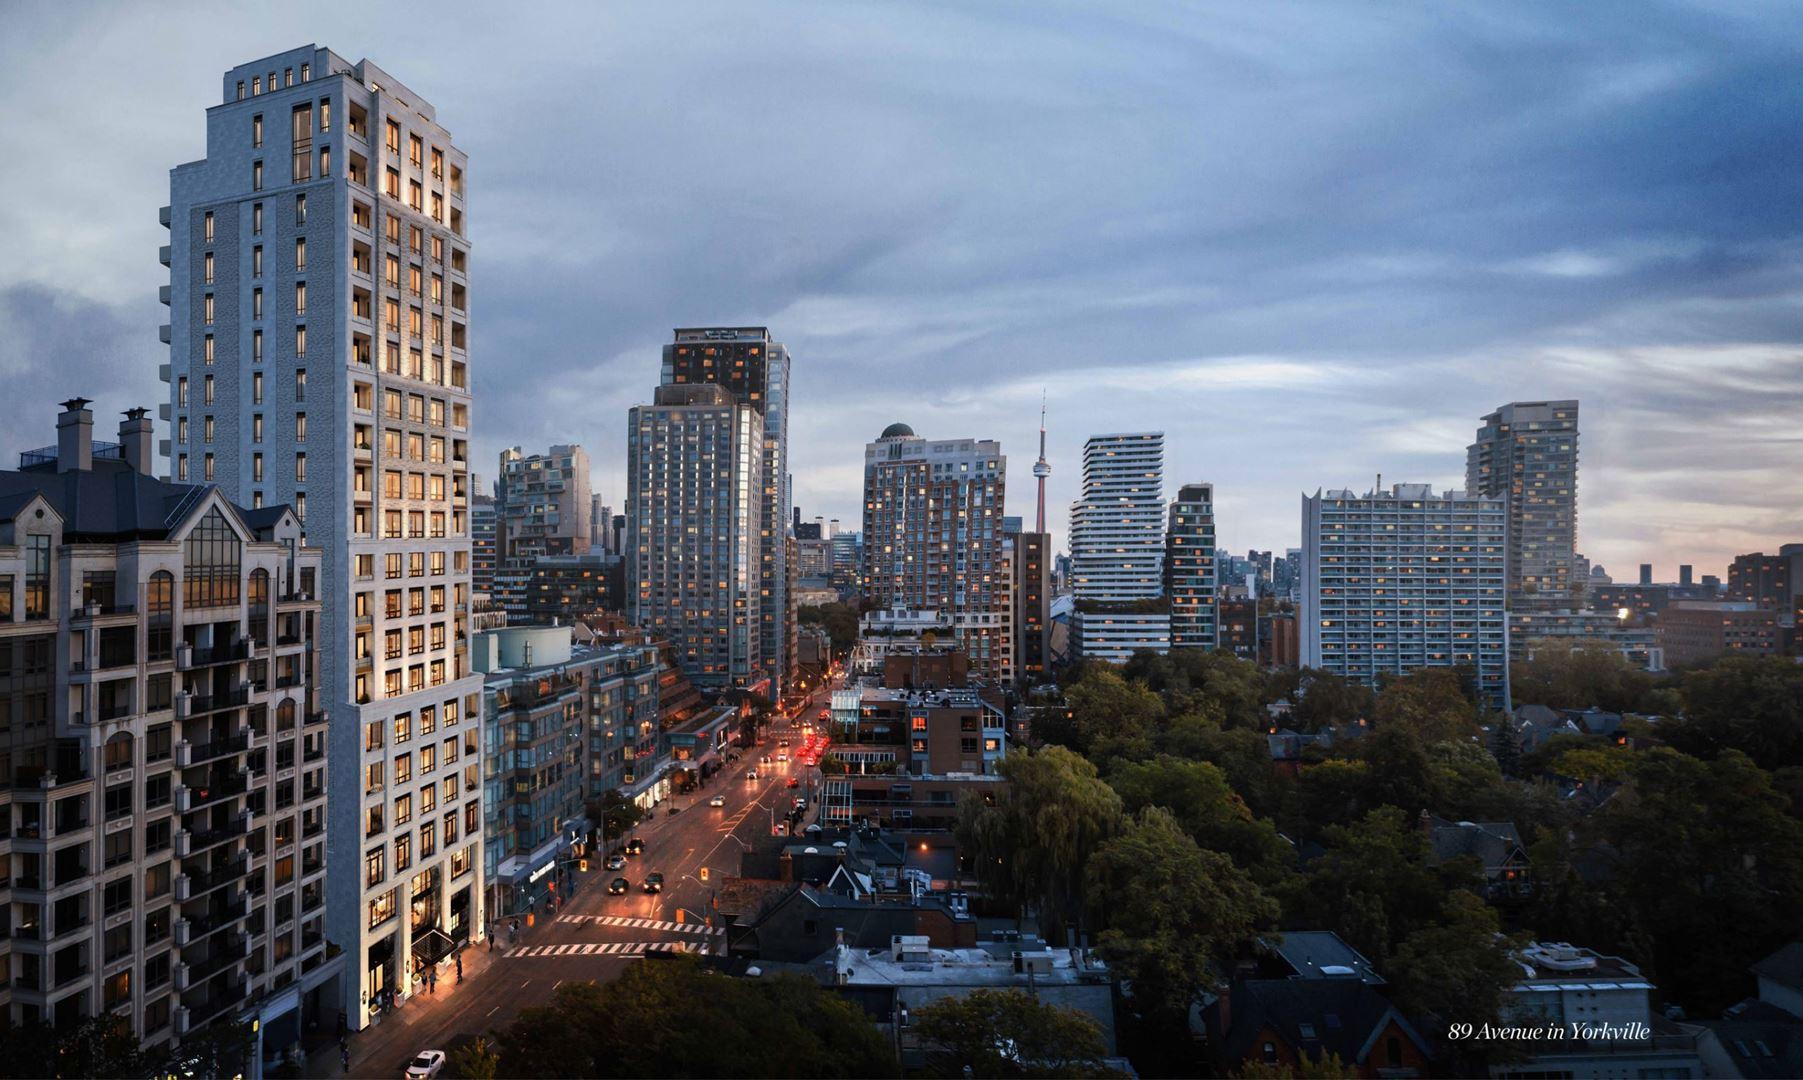 89 Avenue Condos Exterior Rendering